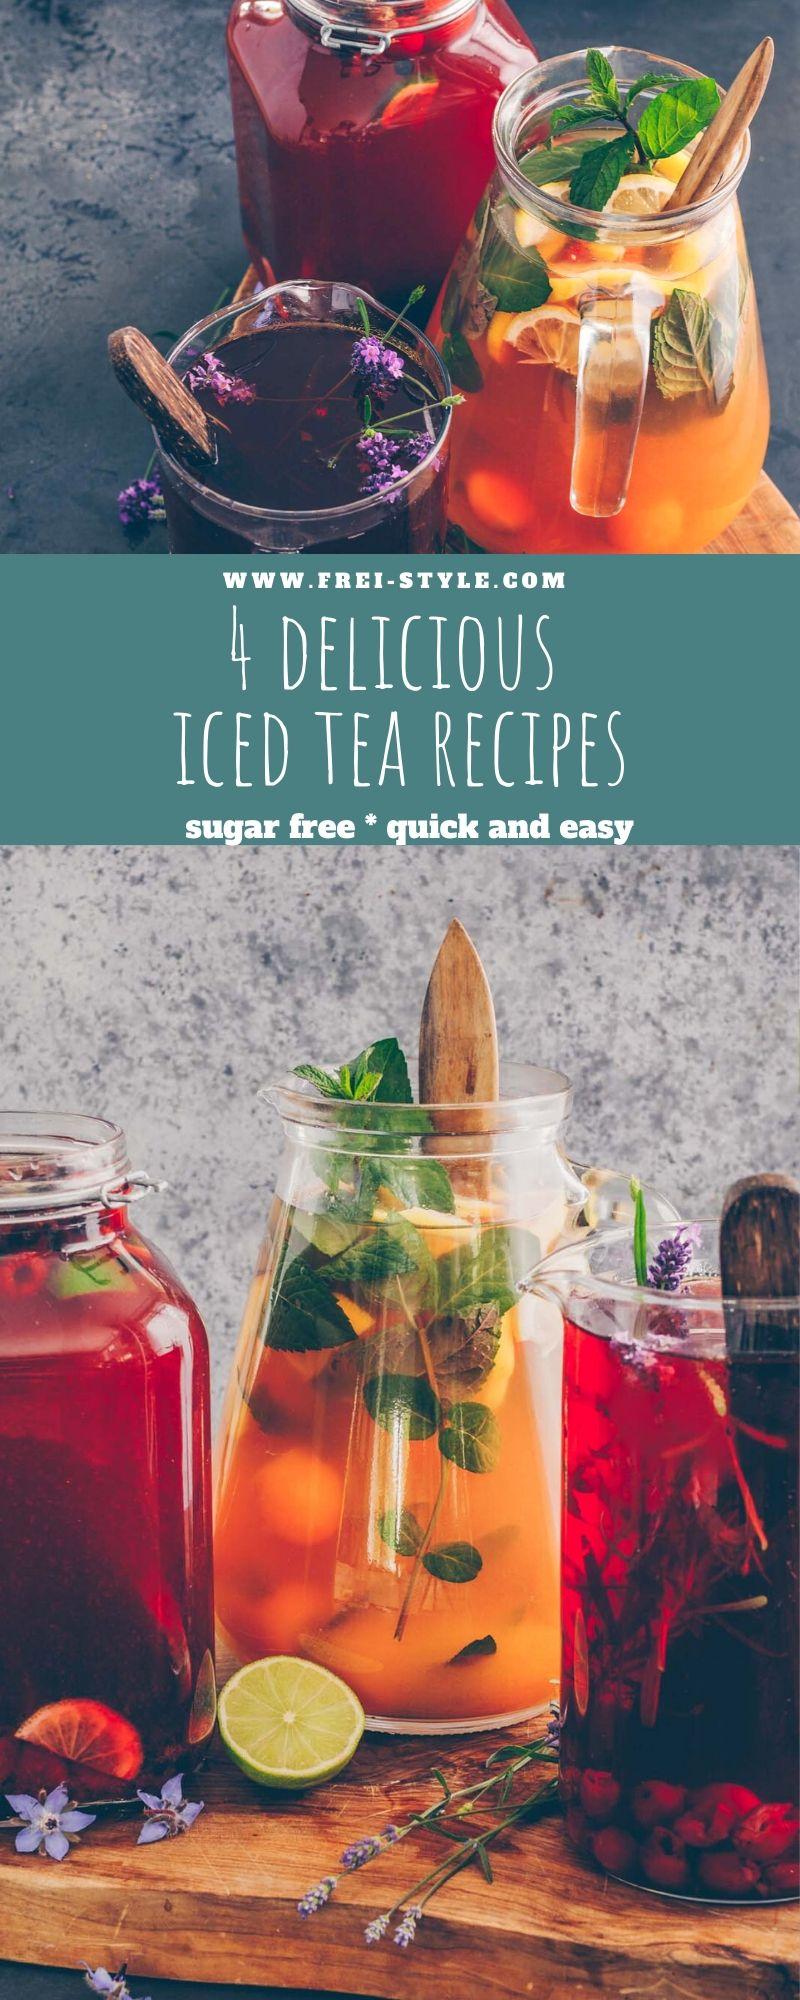 4 delicious iced tea recipes